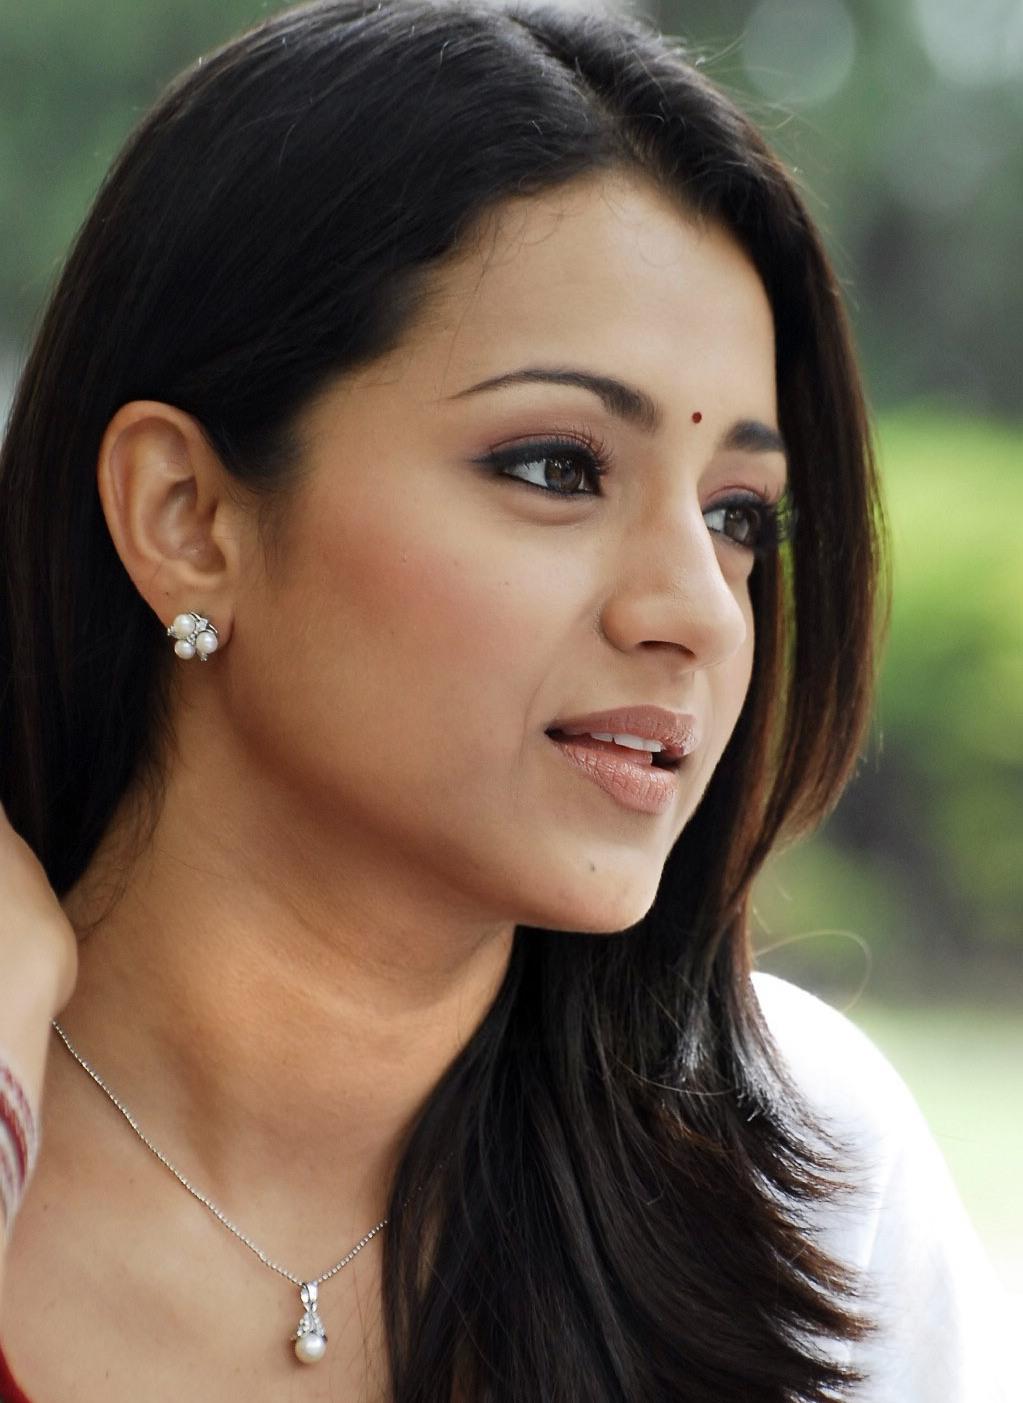 Cute Actress Hot Photos: Cute Actress Wallpapers